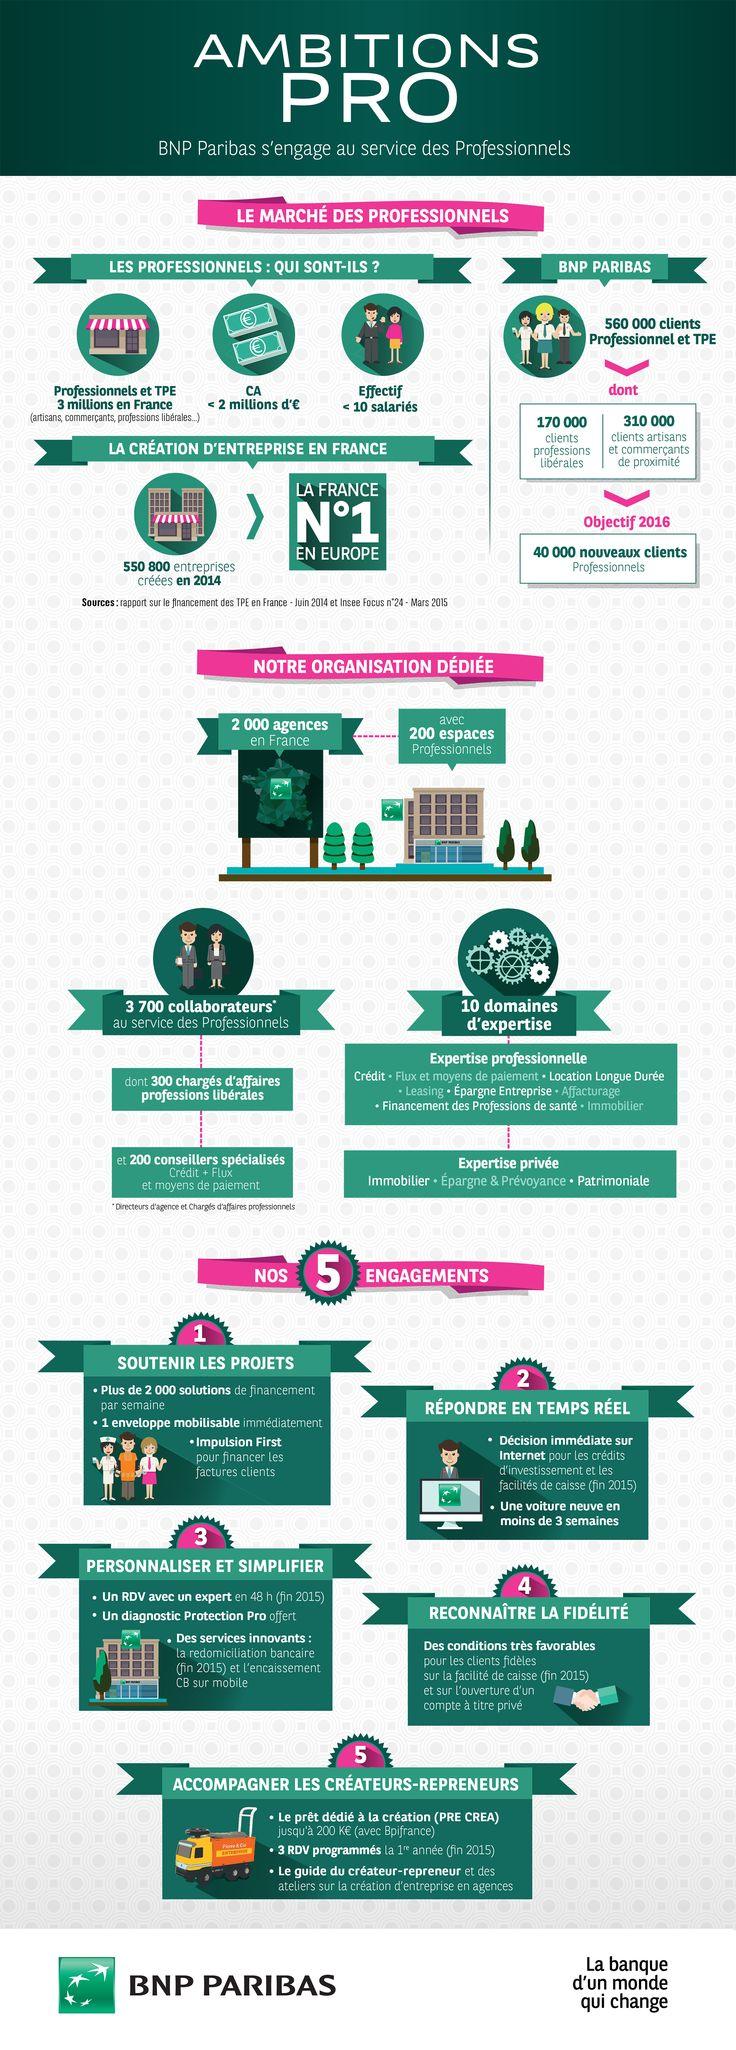 [Infographie] Ambitions pro : BNP Paribas s'engage au service des Professionnels